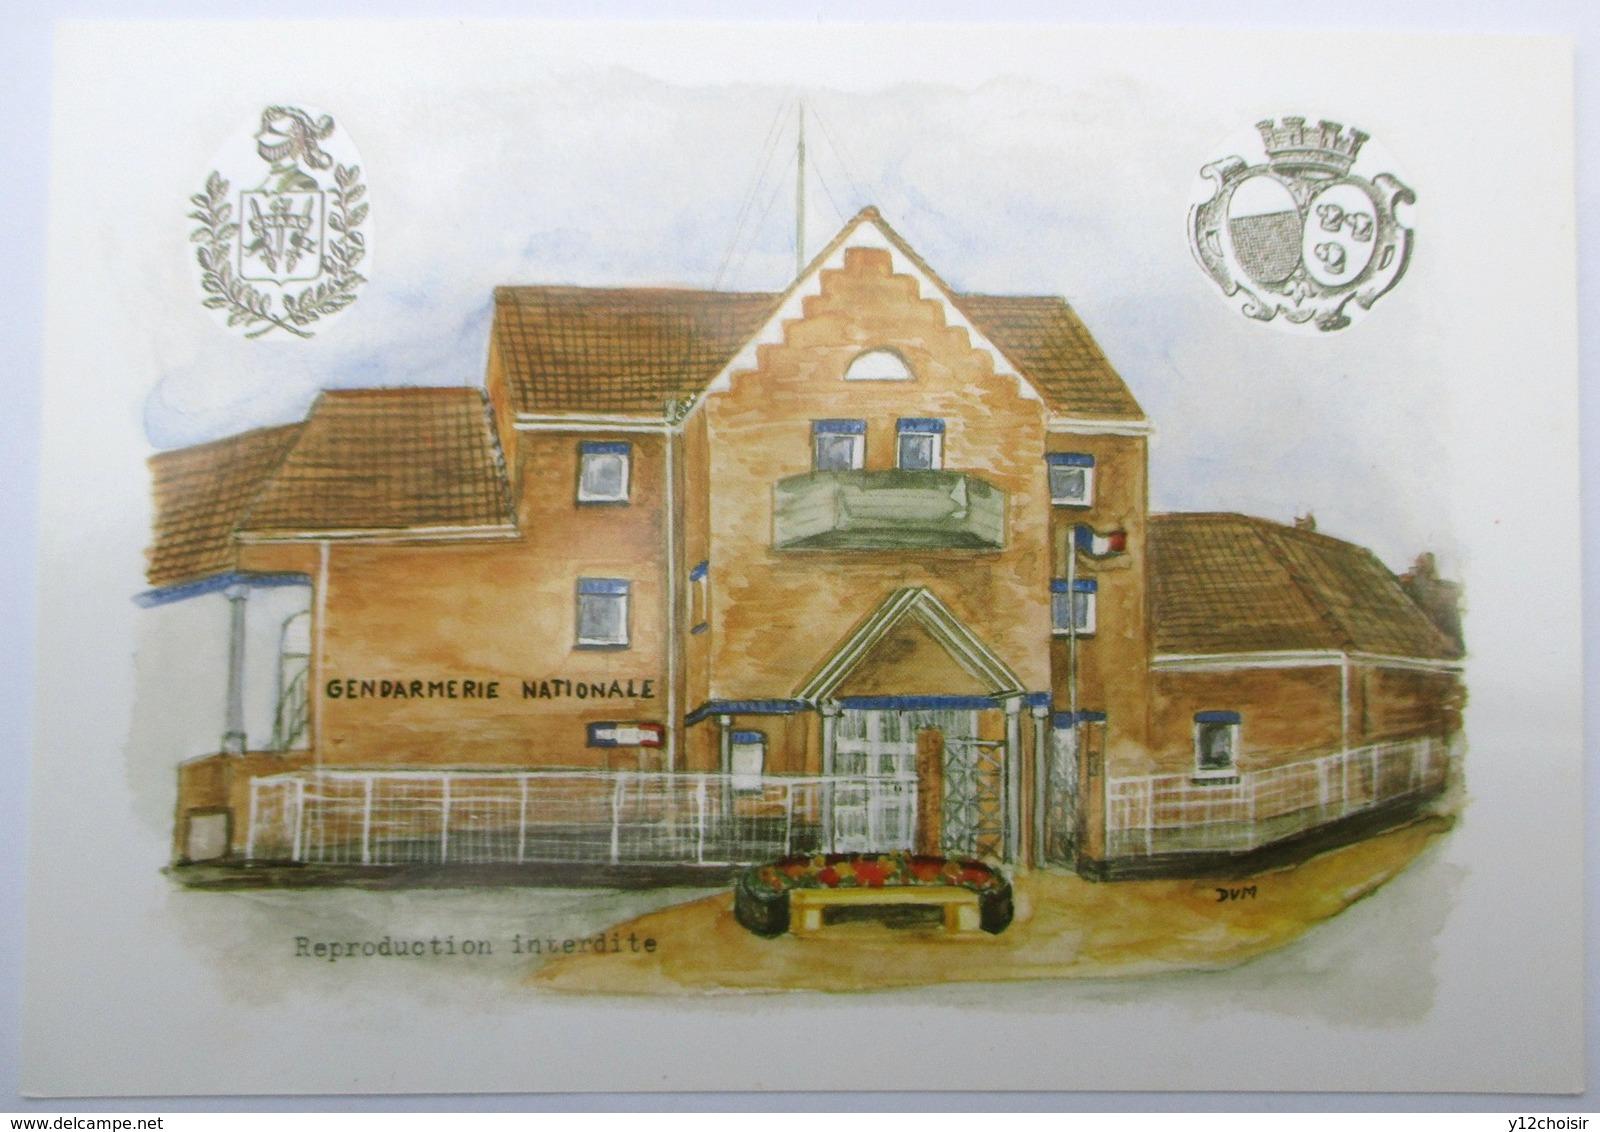 CPSM LA NOUVELLE GENDARMERIE NATIONALE LANNOY DU NORD NORD N° 04859 DESSIN DUN DUM - Police & Gendarmerie